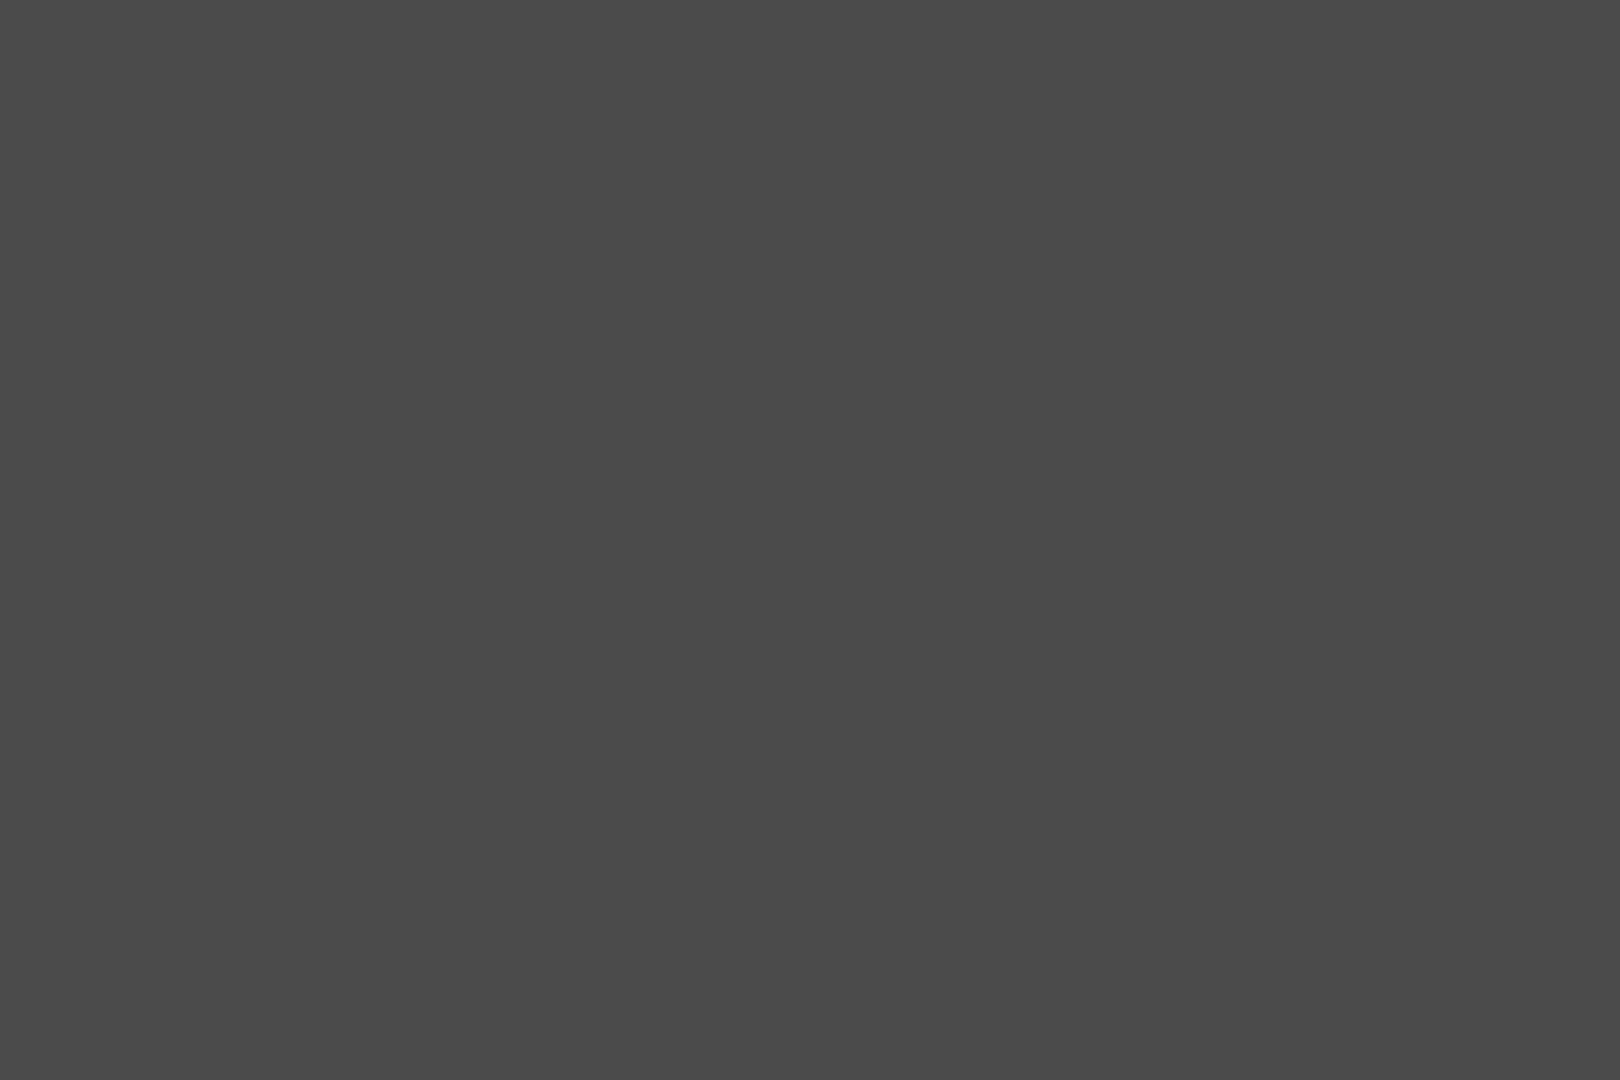 マンコ丸見え女子洗面所Vol.28 下着エロ画像 われめAV動画紹介 111PICs 29